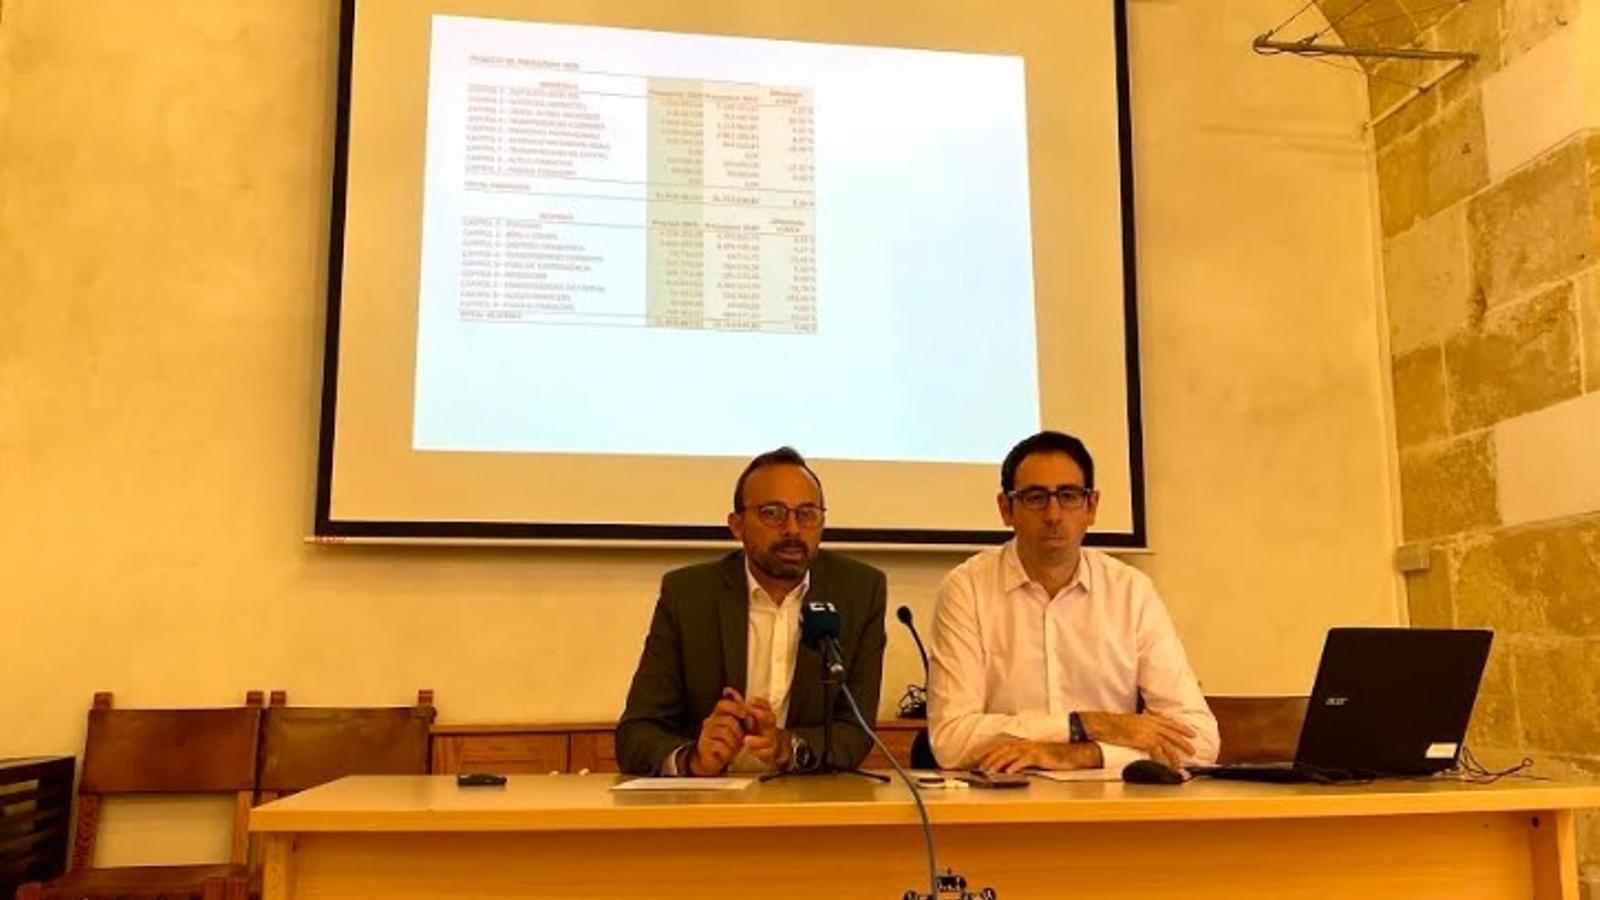 José Luis Benejam i Cristòbal Marquès han detallat els pressupostos municipals en un acte celebrat a l'Ajuntament.